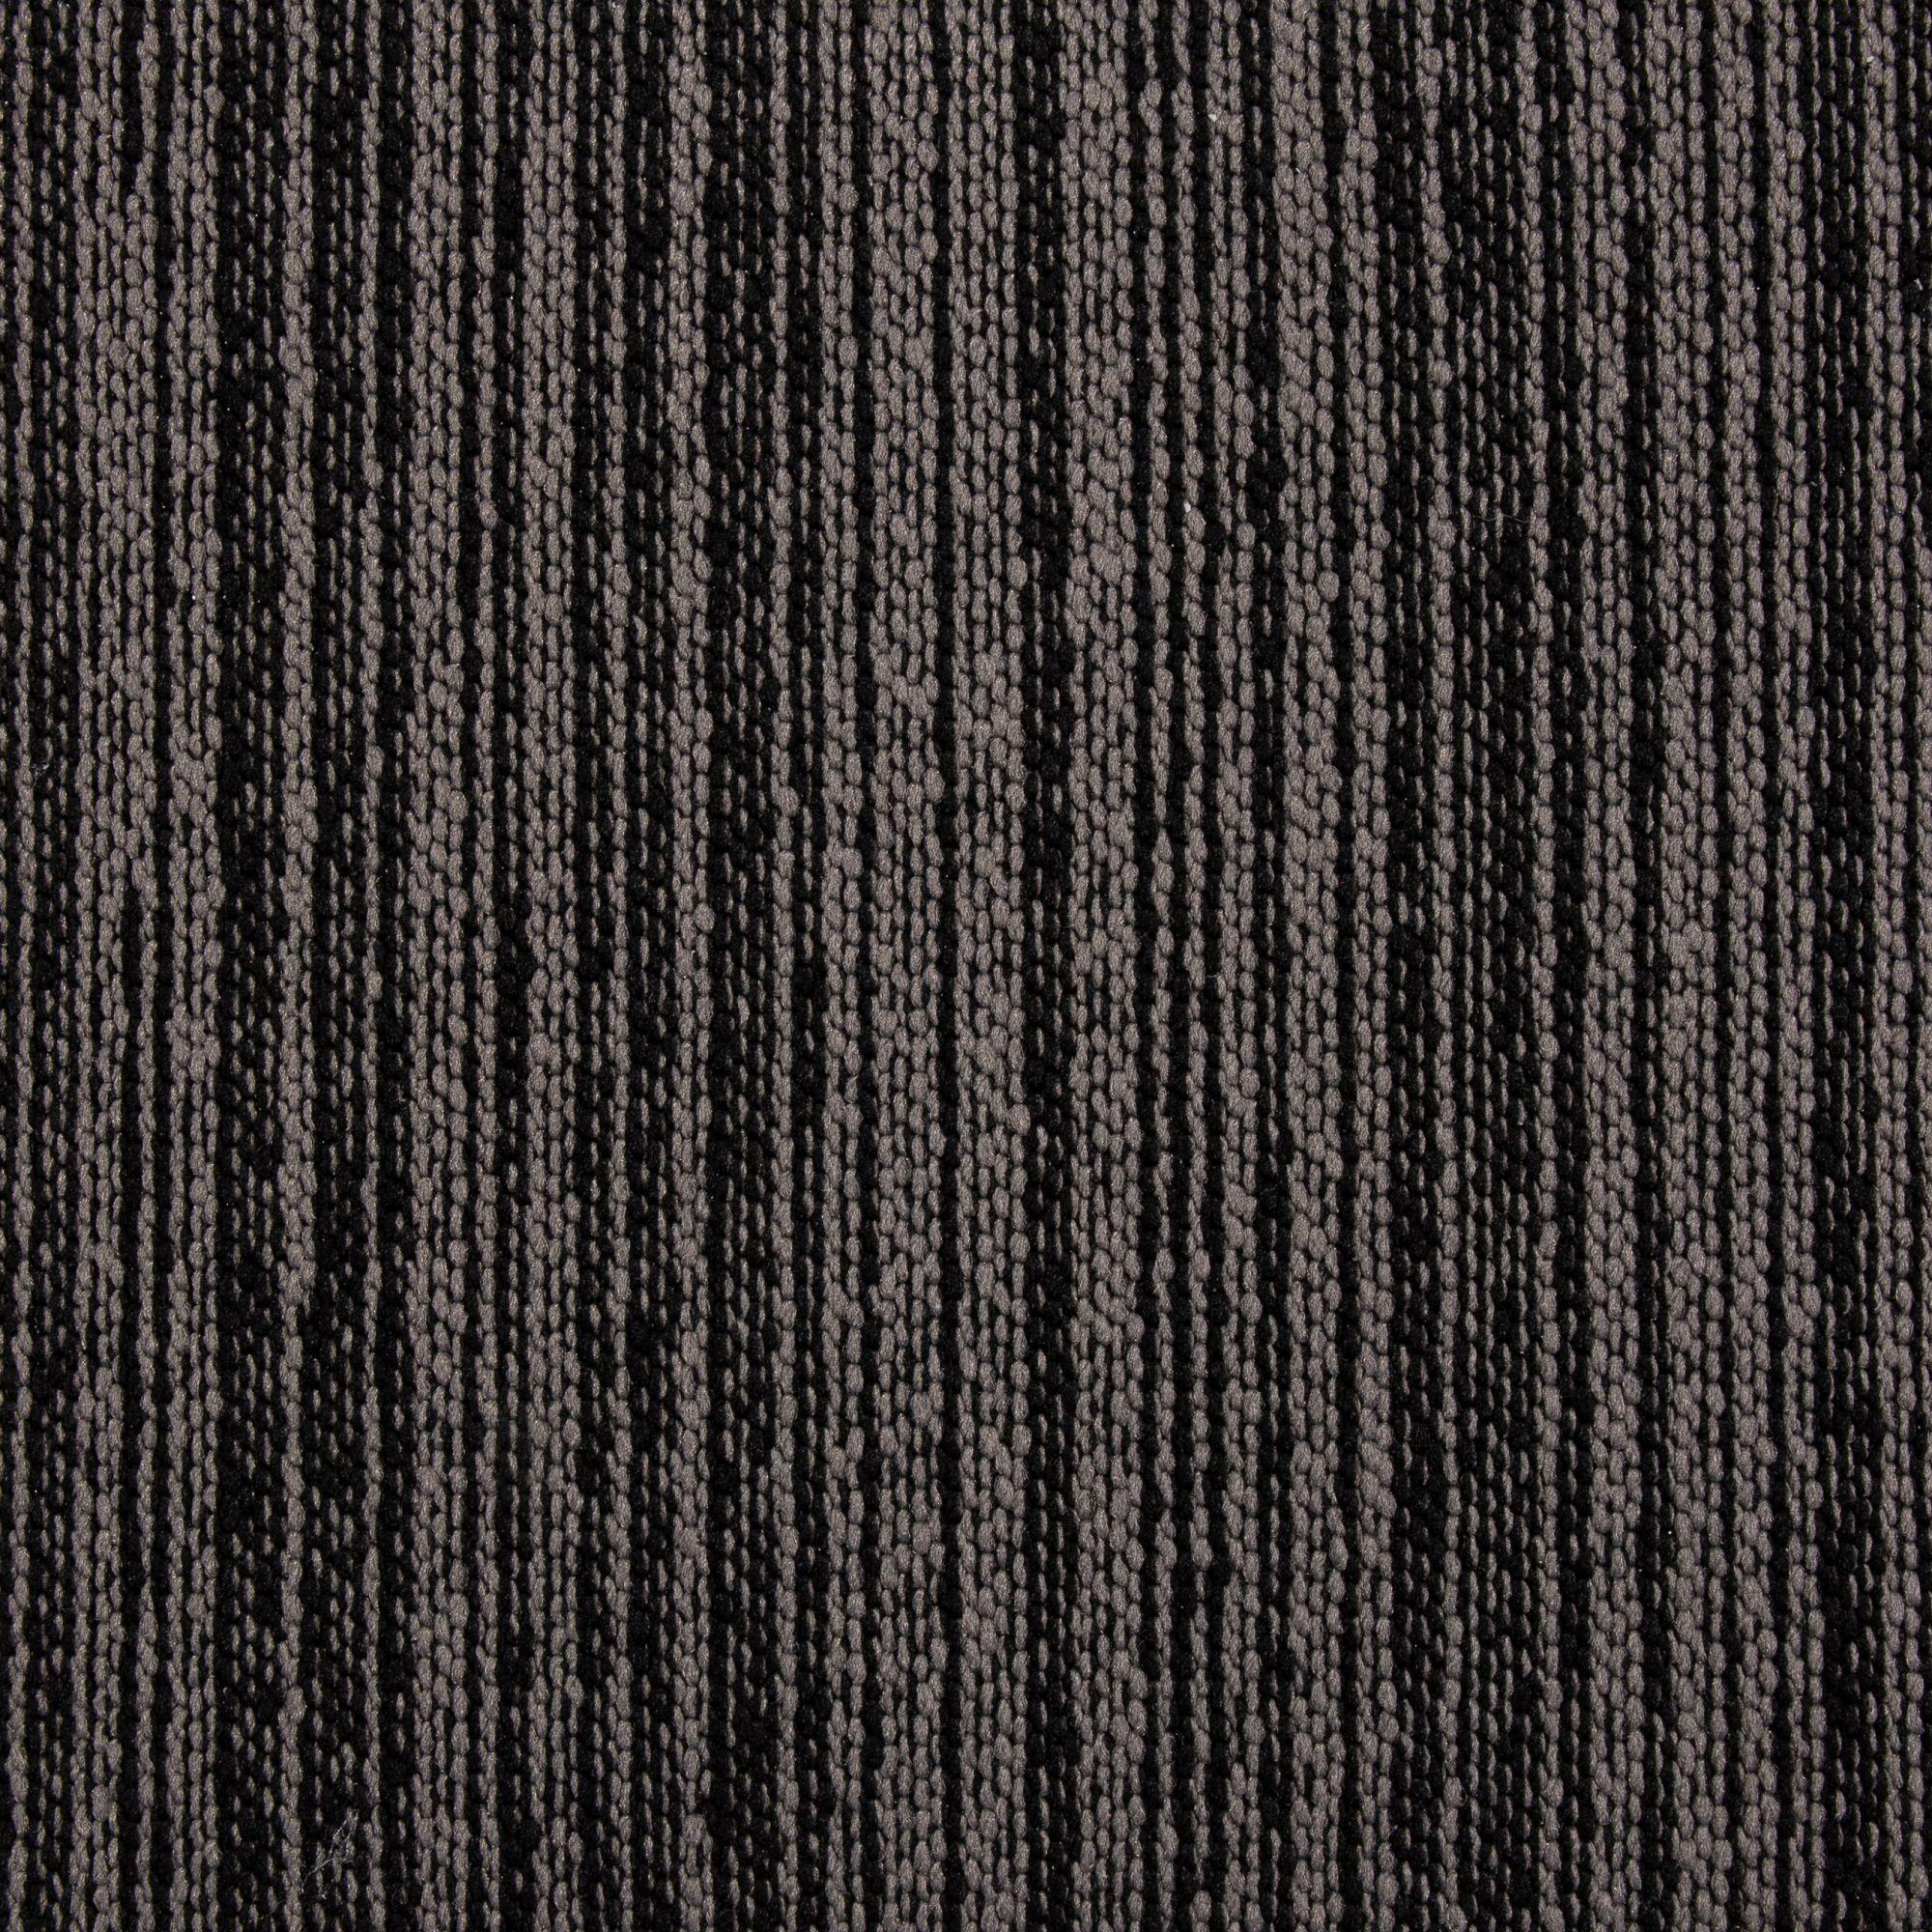 Keen (2074-D1609)